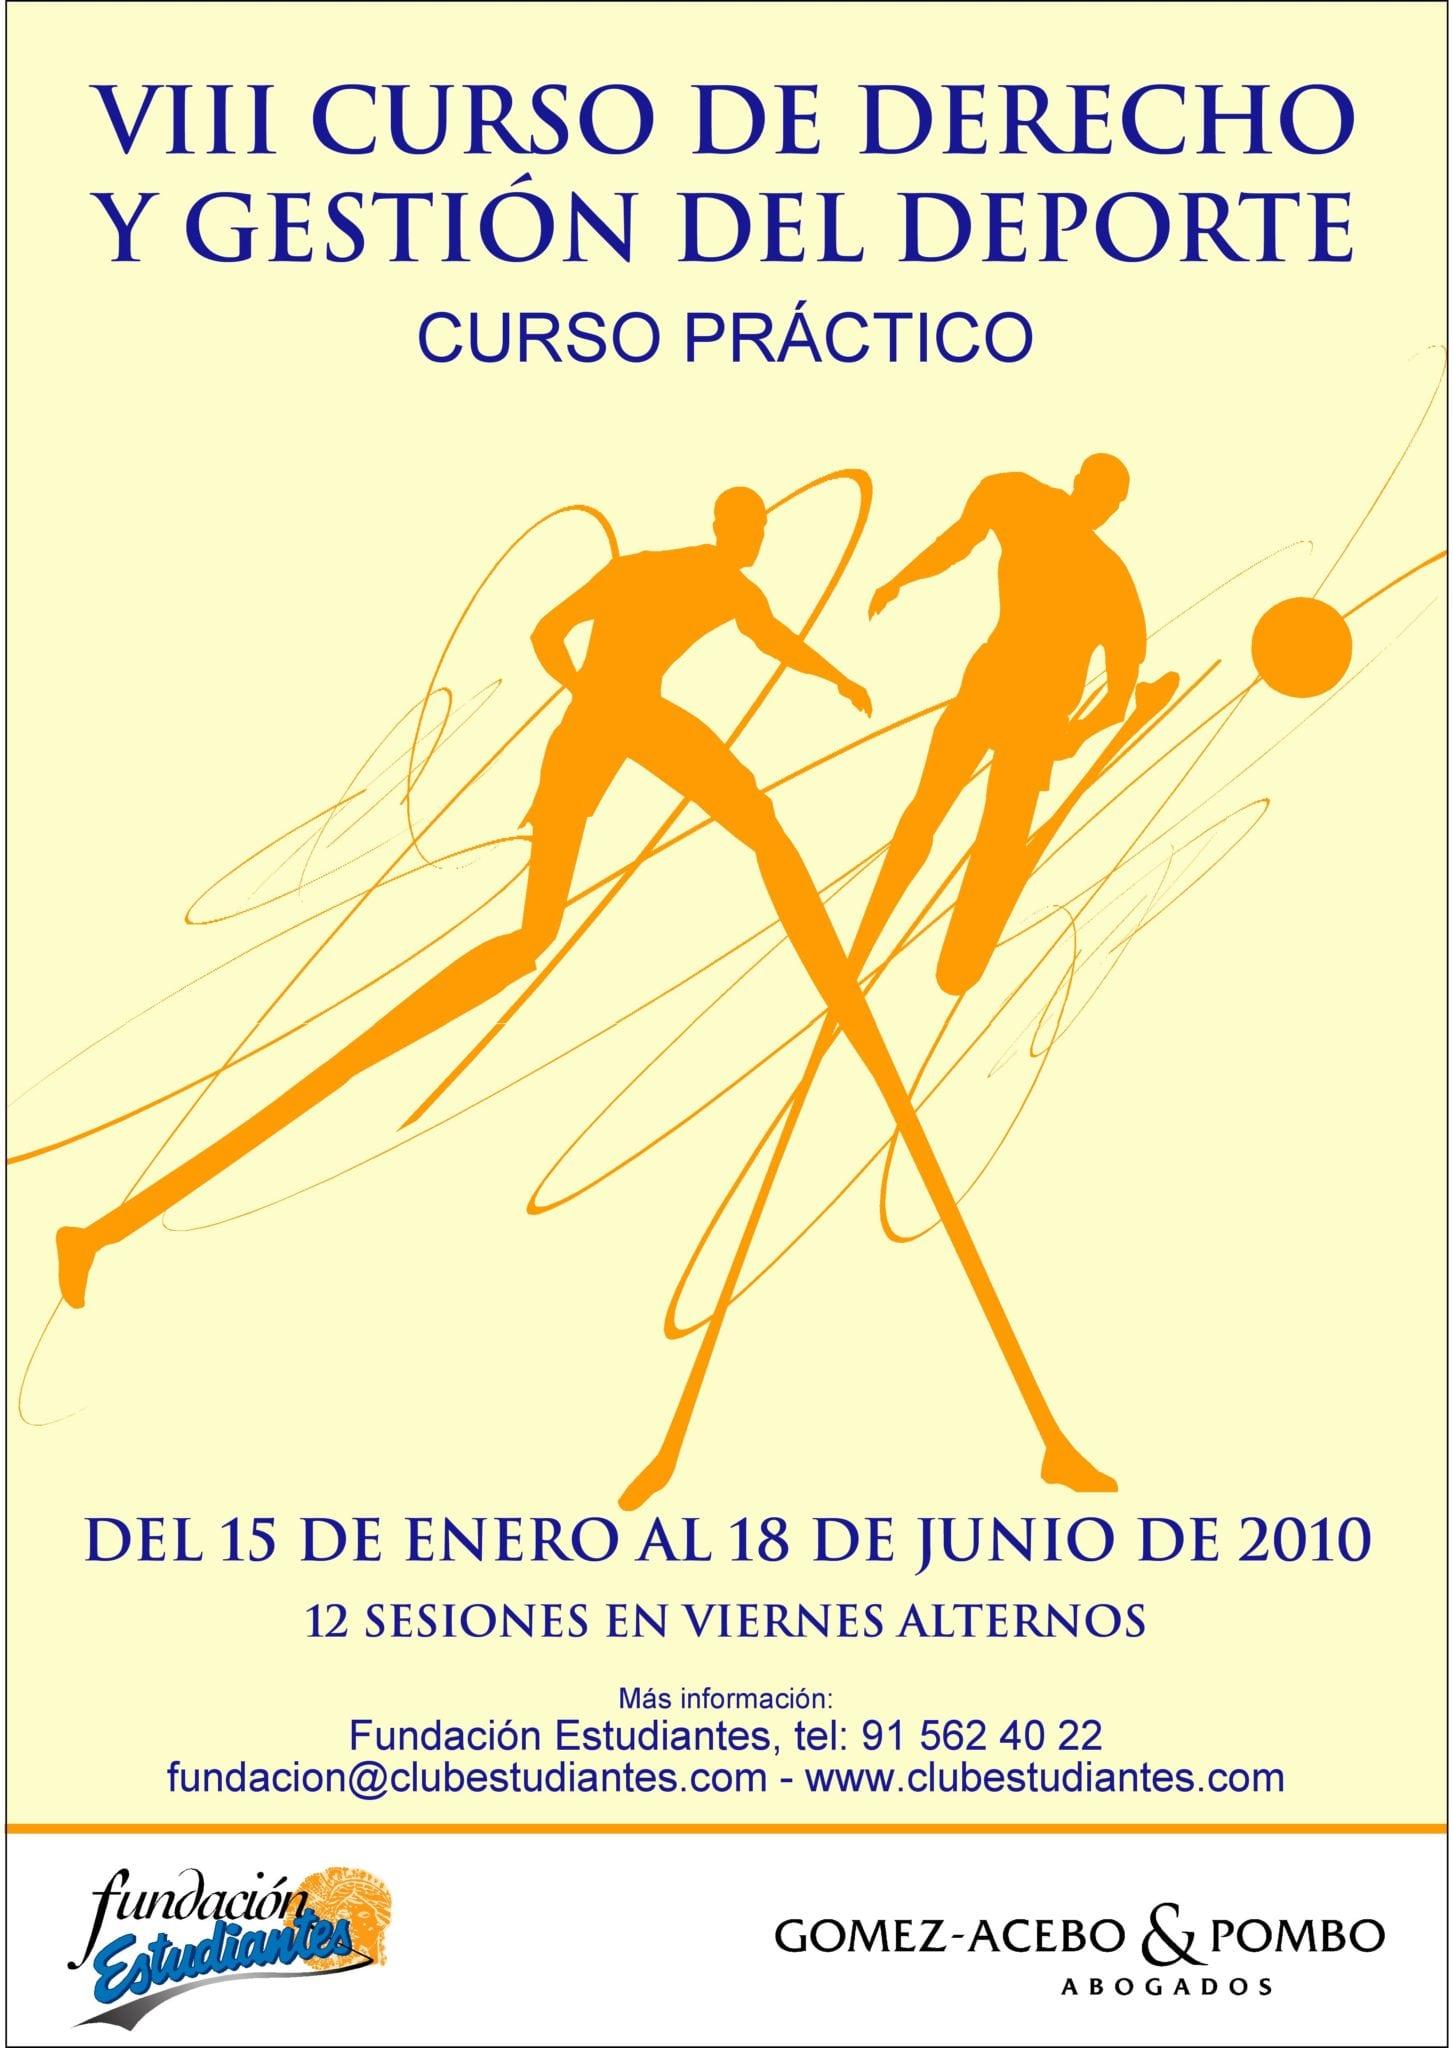 VIII Curso de Derecho y Gestión del Deporte: abierto el plazo de inscripción